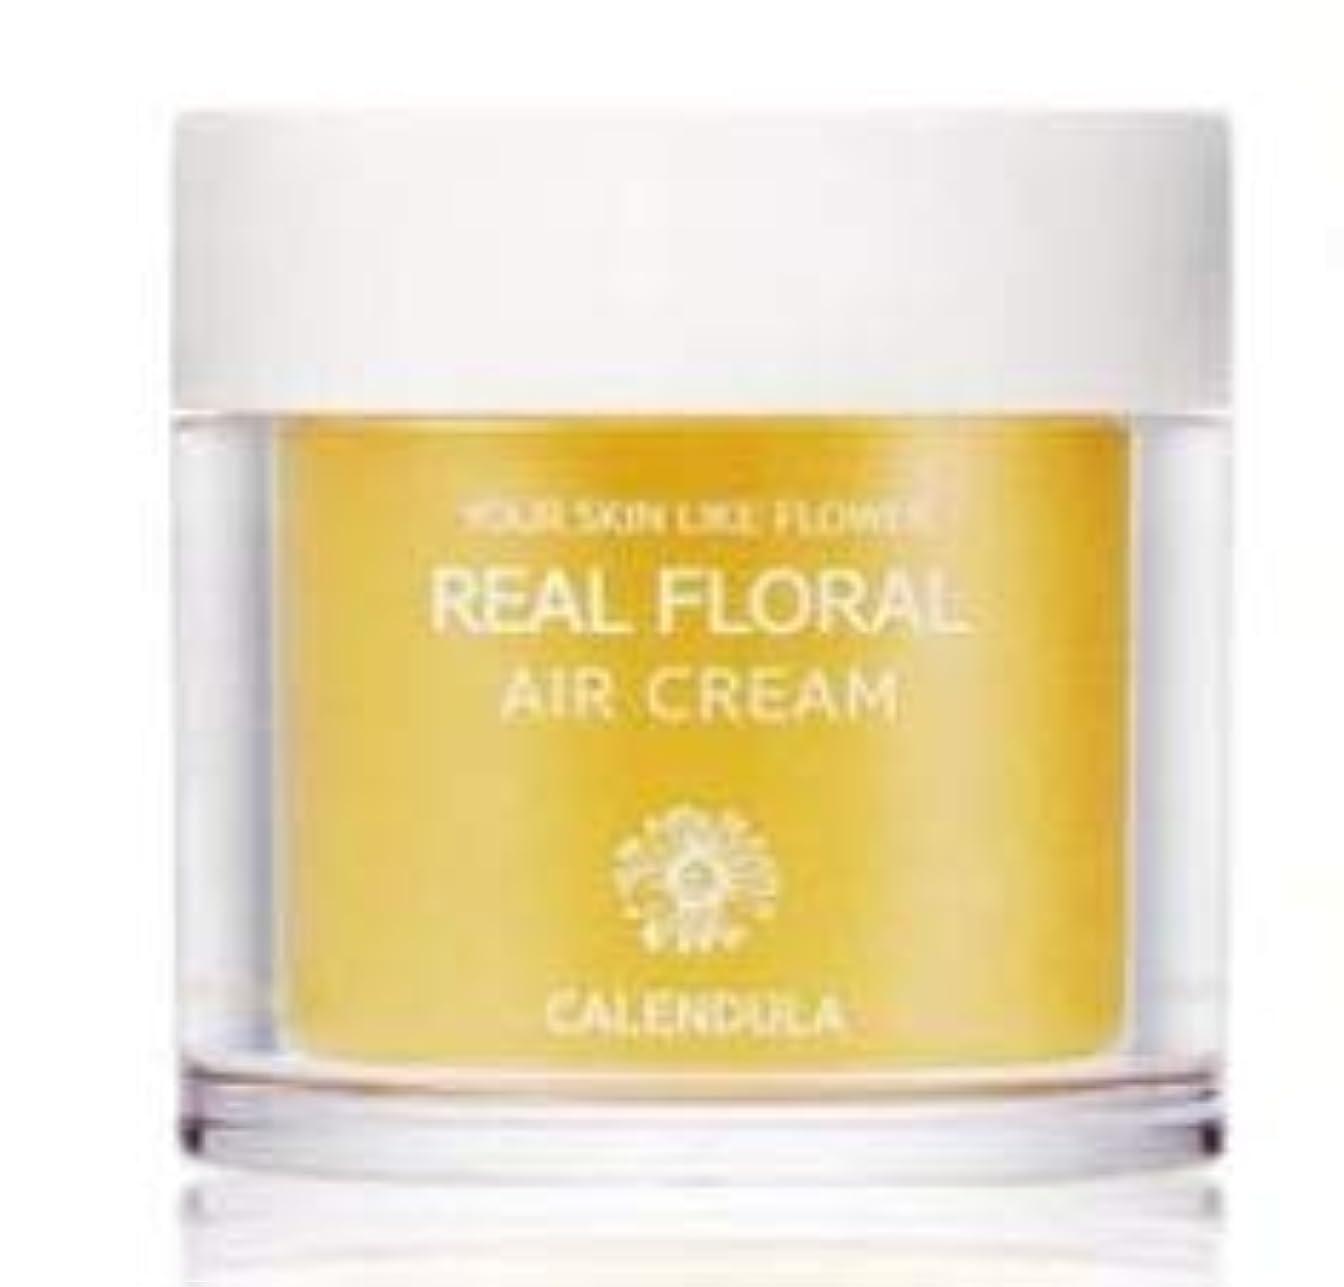 設置ポジションキャンプNATURAL PACIFIC Real Floral Air Cream 100ml (Calendula) /ナチュラルパシフィック リアル カレンデュラ エア クリーム 100ml [並行輸入品]